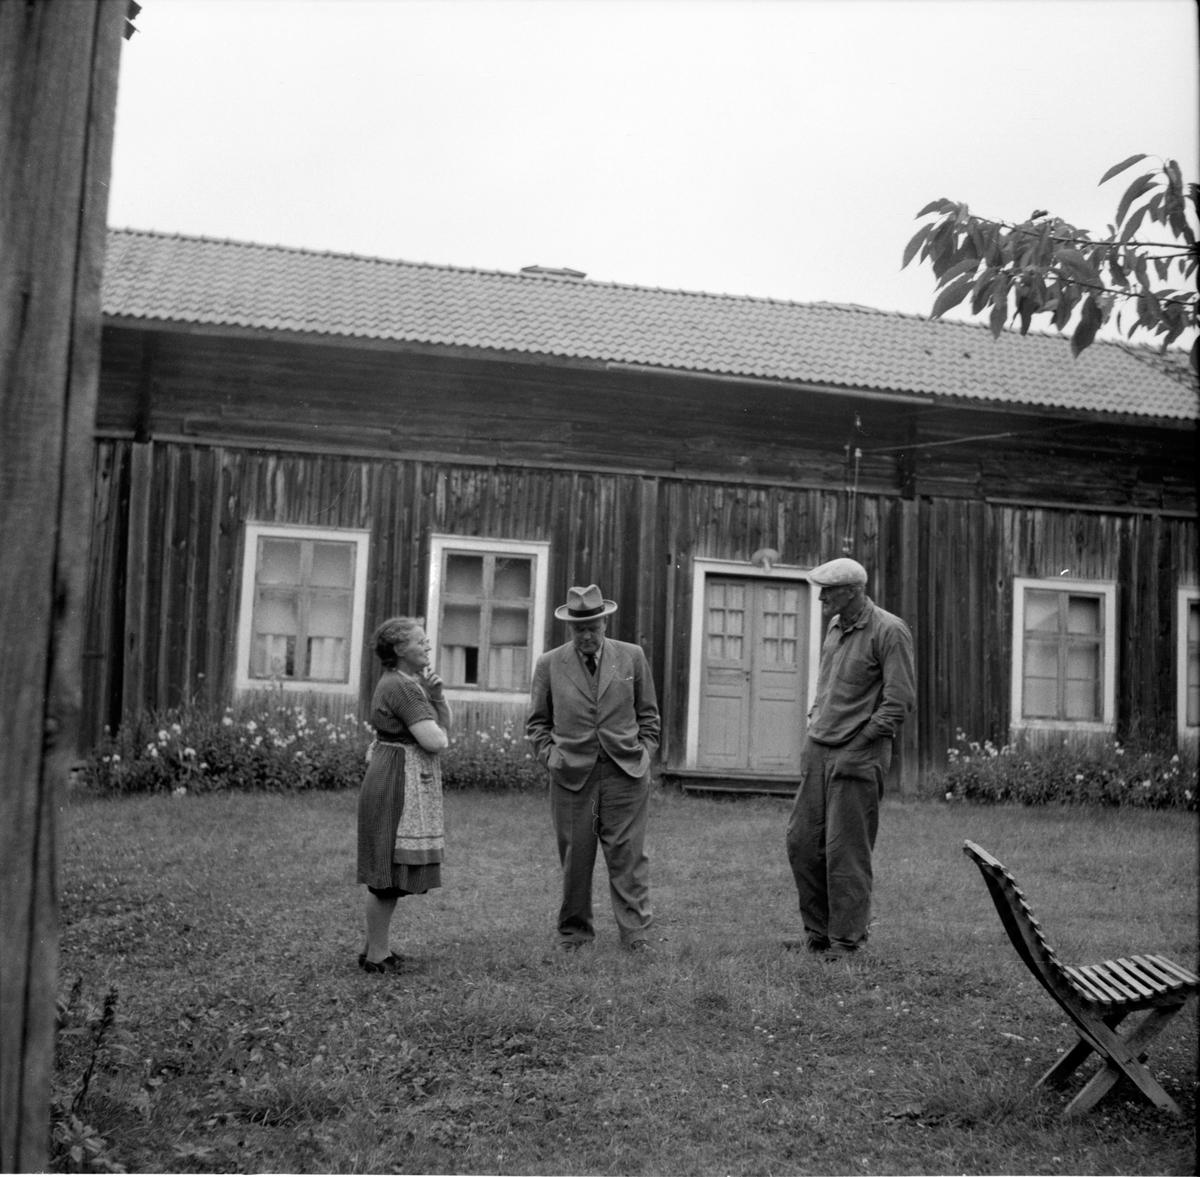 Kvinnan till vänster är Ingeborg Mickelsson (född Svensson) och mannen till höger är Hans Mickelsson. Norrala, Skärså, Sund på 1960-talet.